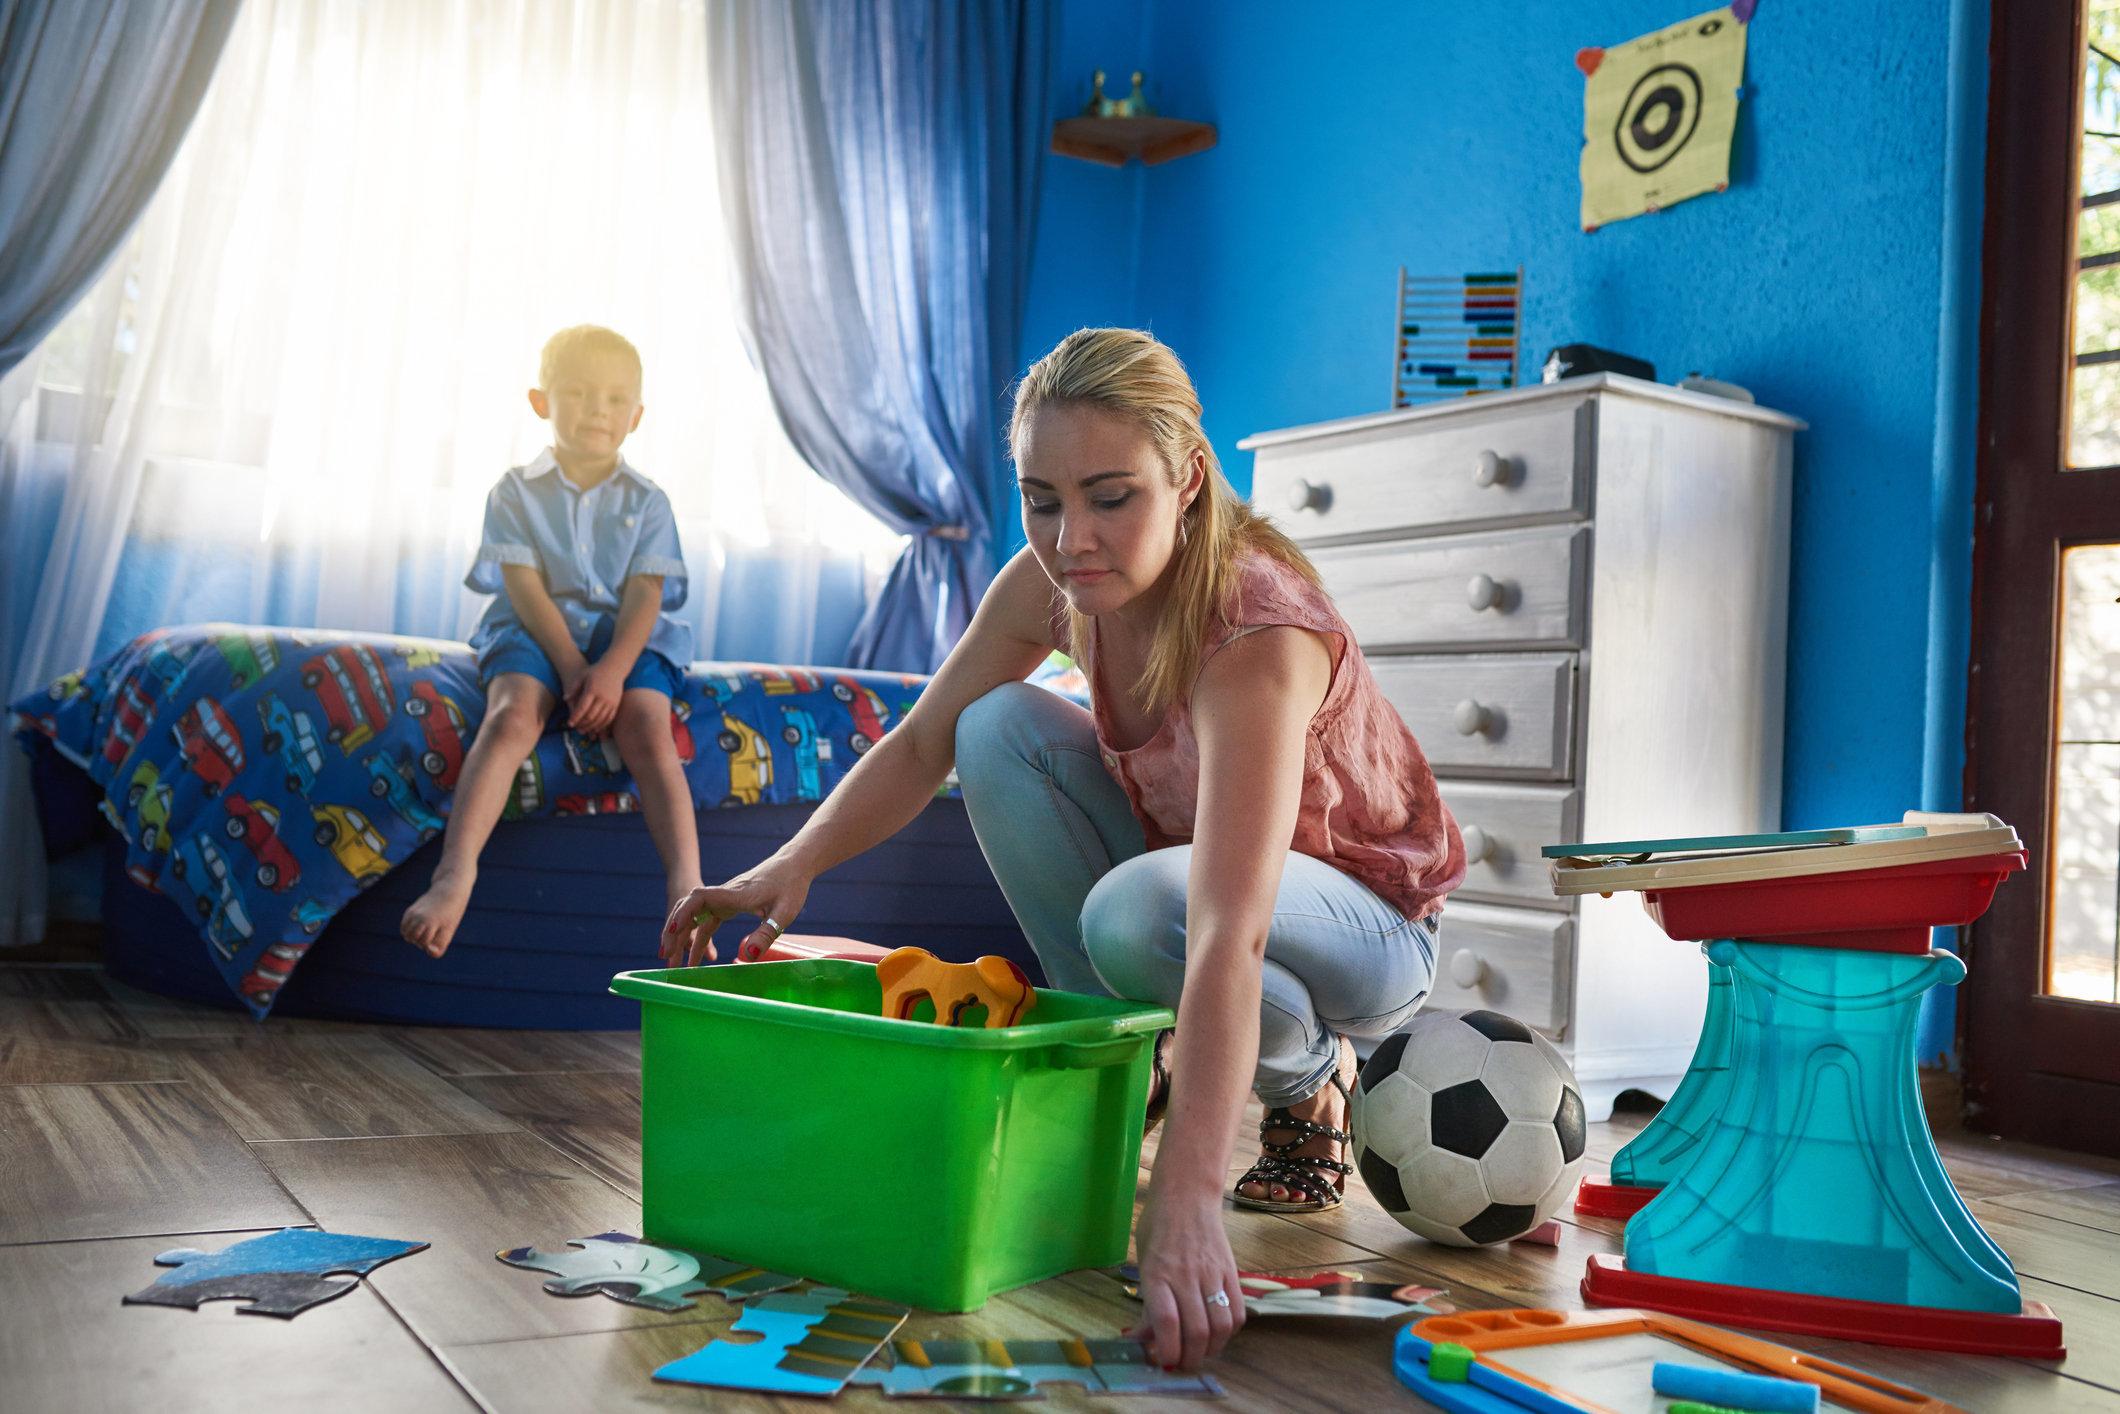 Diese Mutter hat den einzig wahren Weg gefunden, um mit dem Chaos ihrer Kinder klar zu